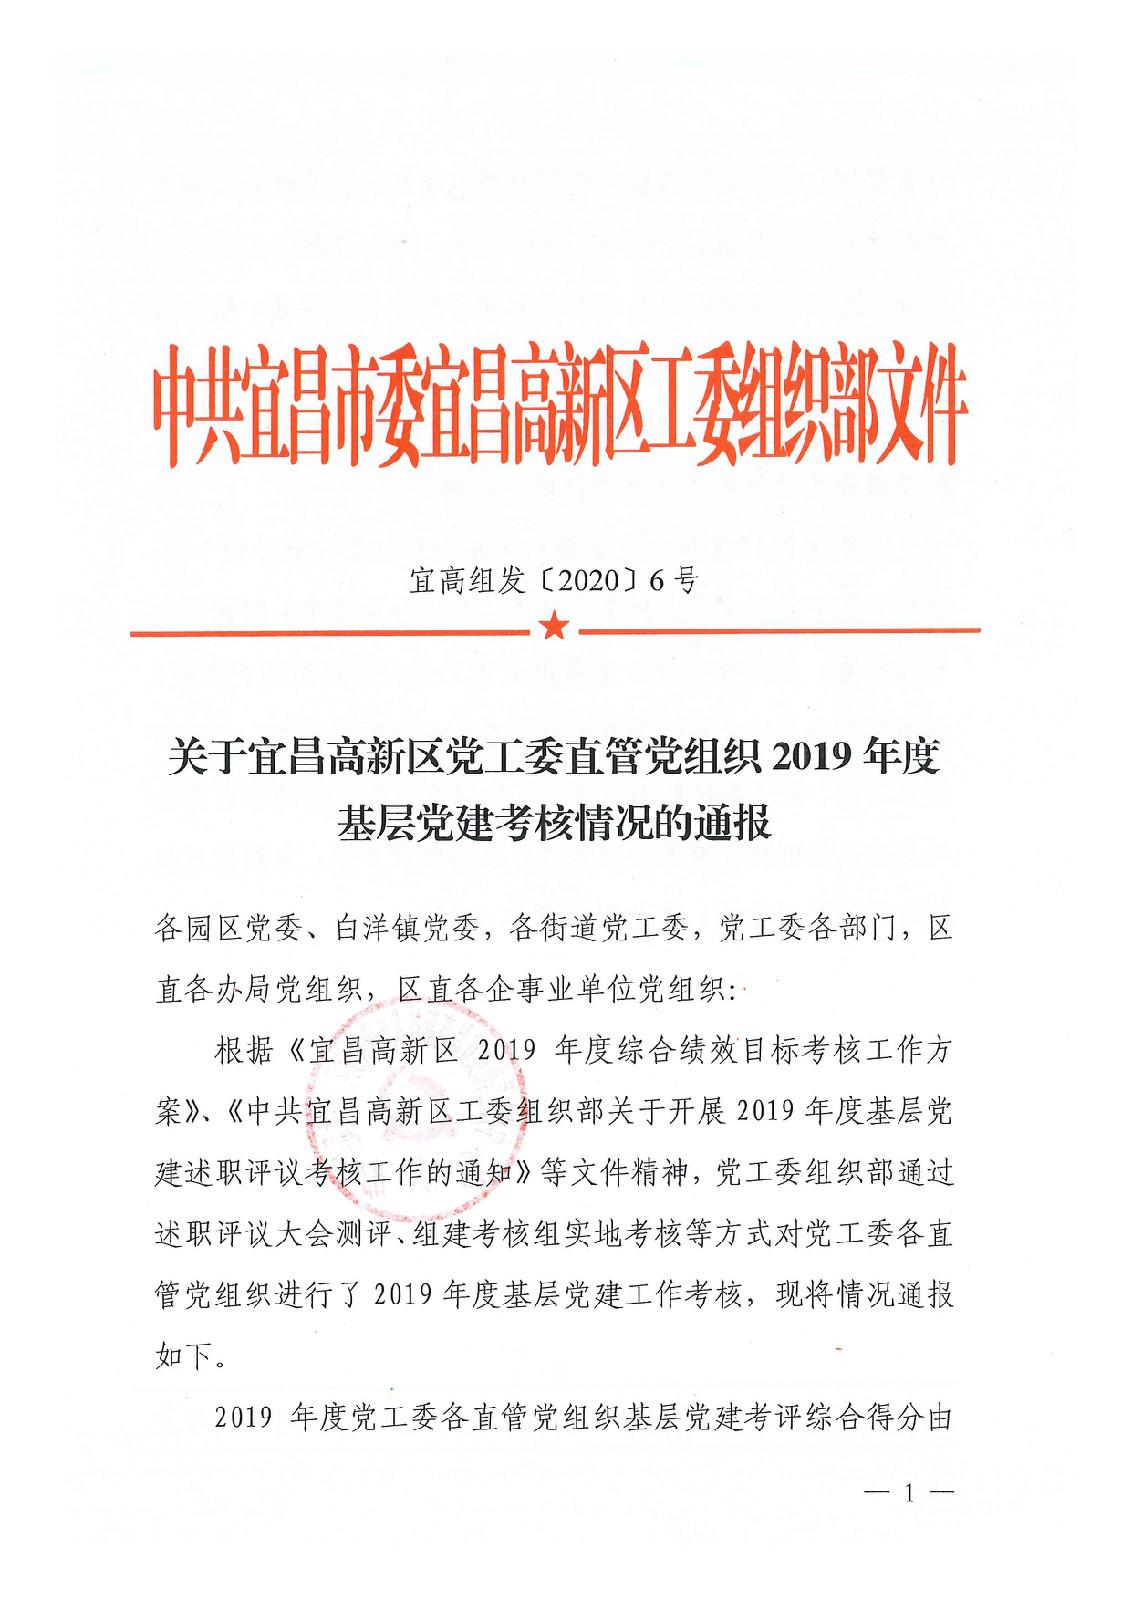 公司党委在高新区2019年度基层党建考核中被评定为优胜单位